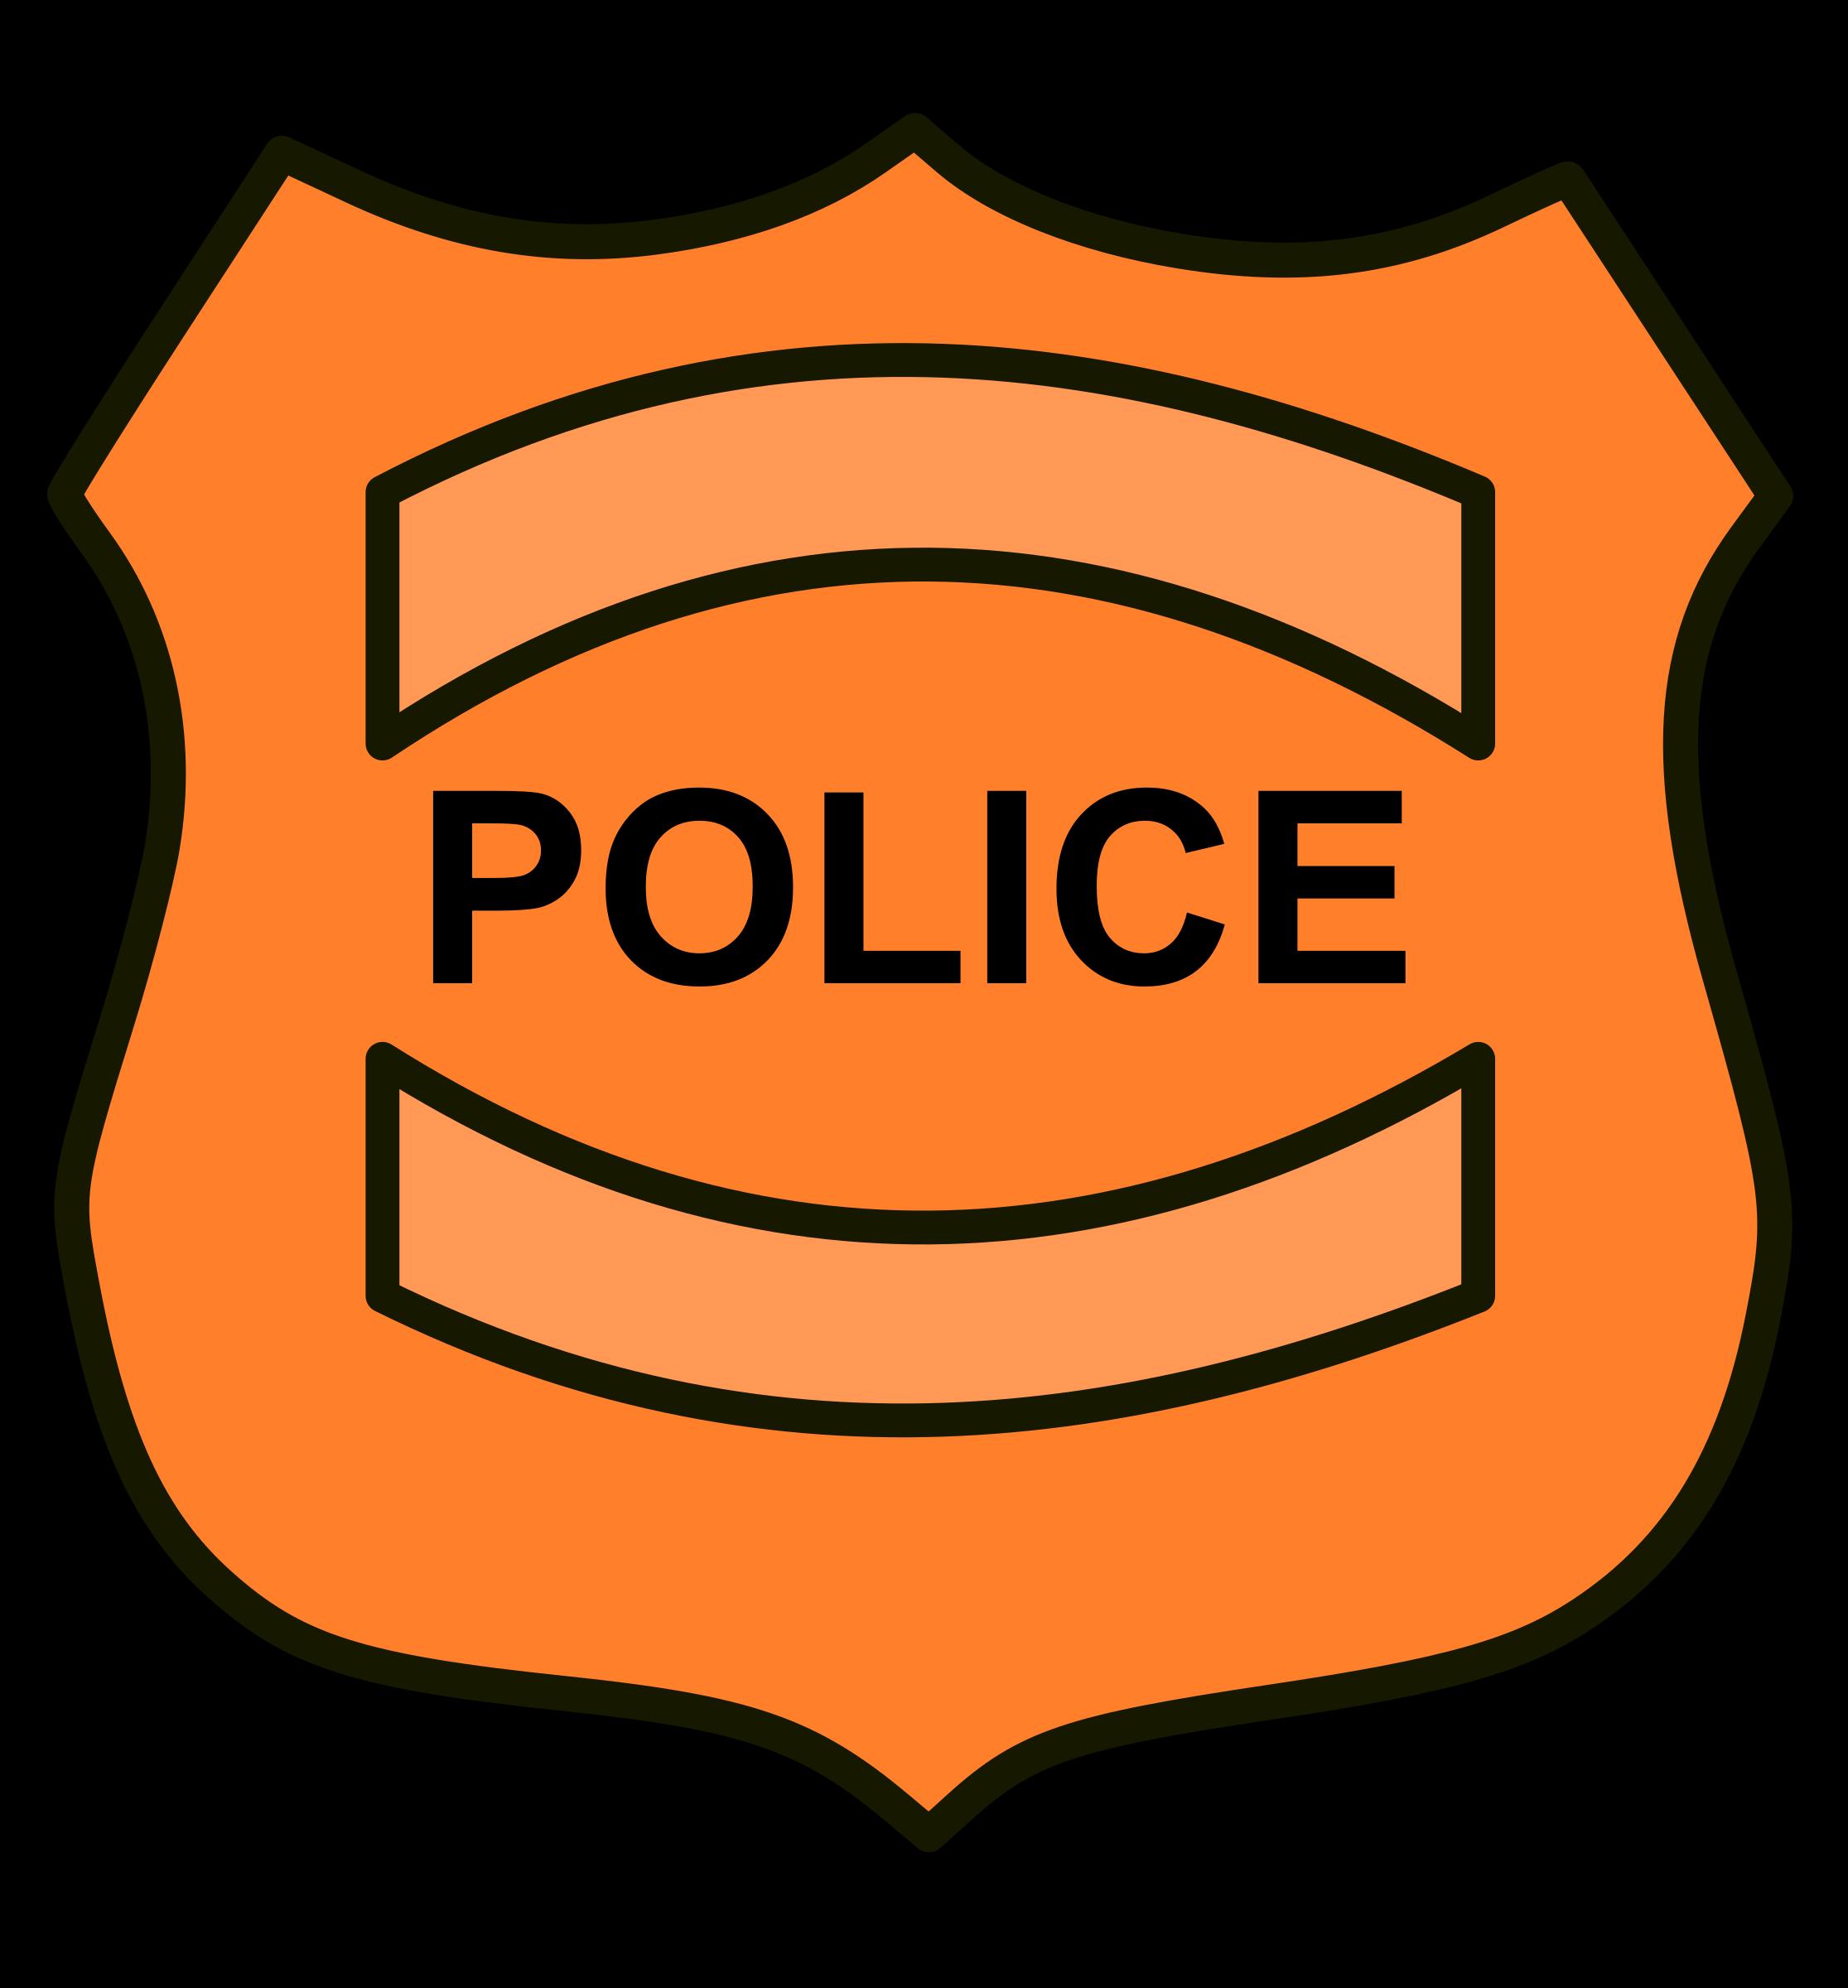 Cop badge jokingart com. Kids clipart police